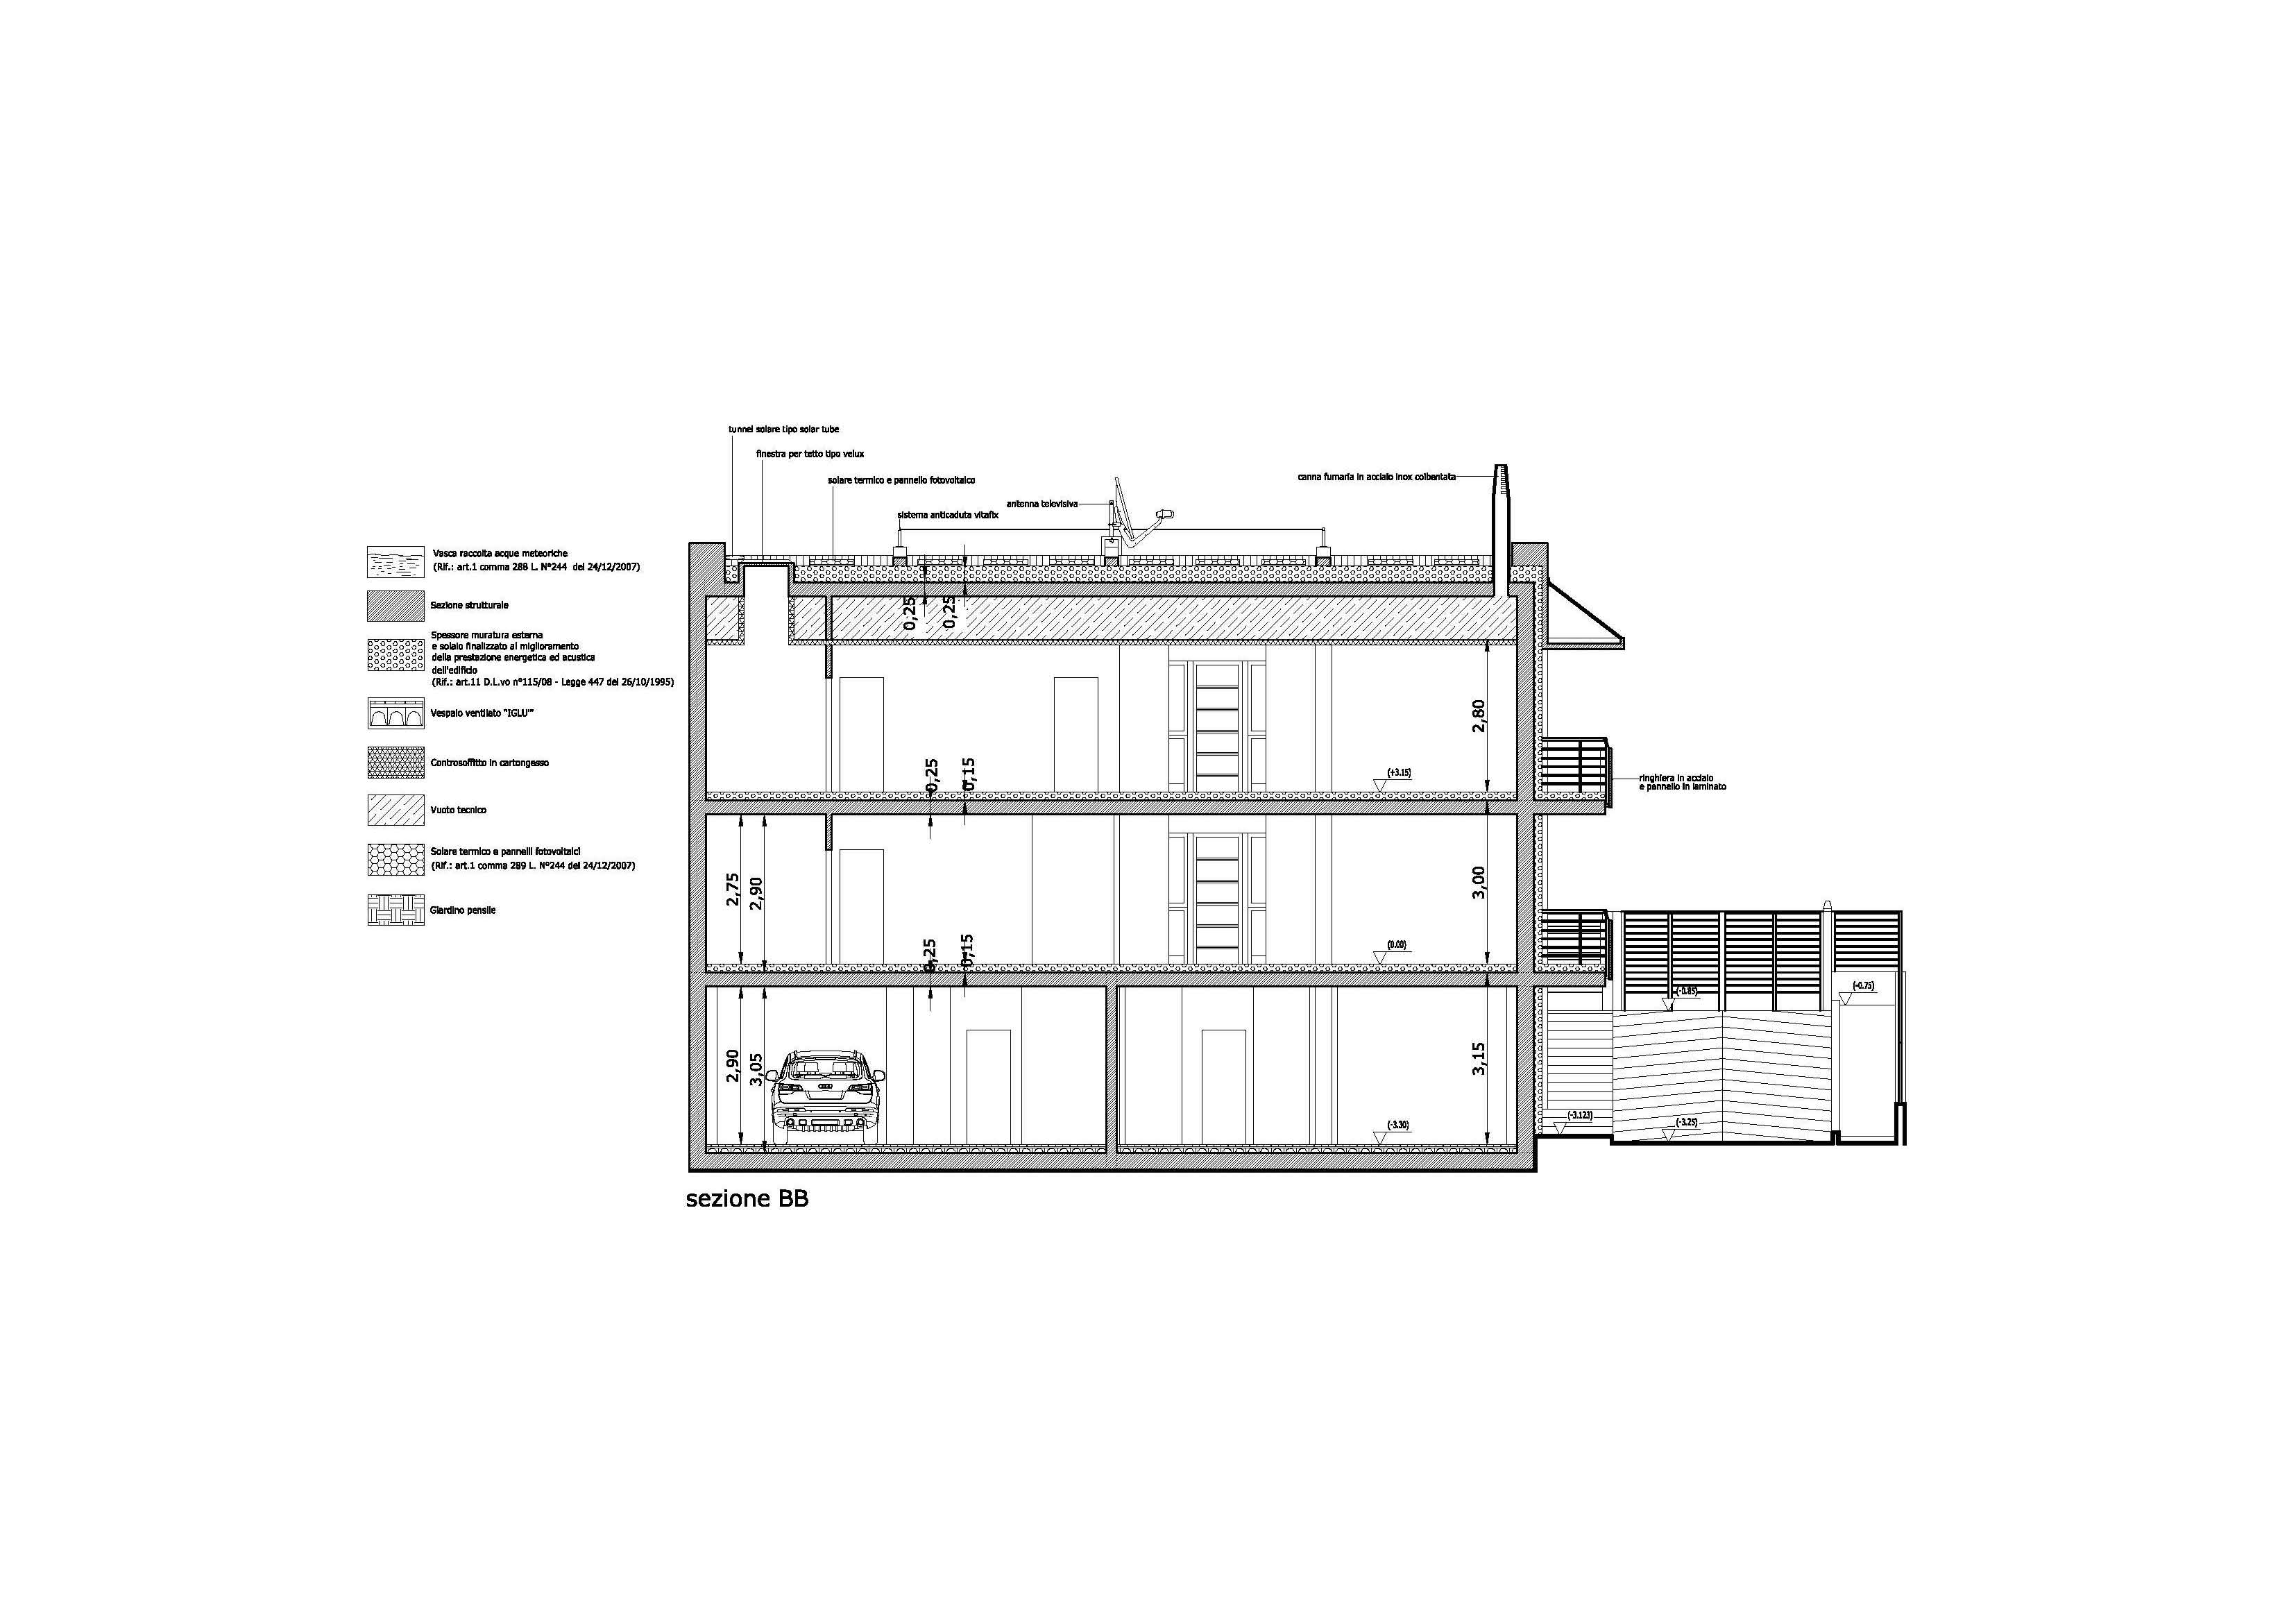 Archidiap edificio bifamiliare a ferrandina - Finestre in pianta dwg ...